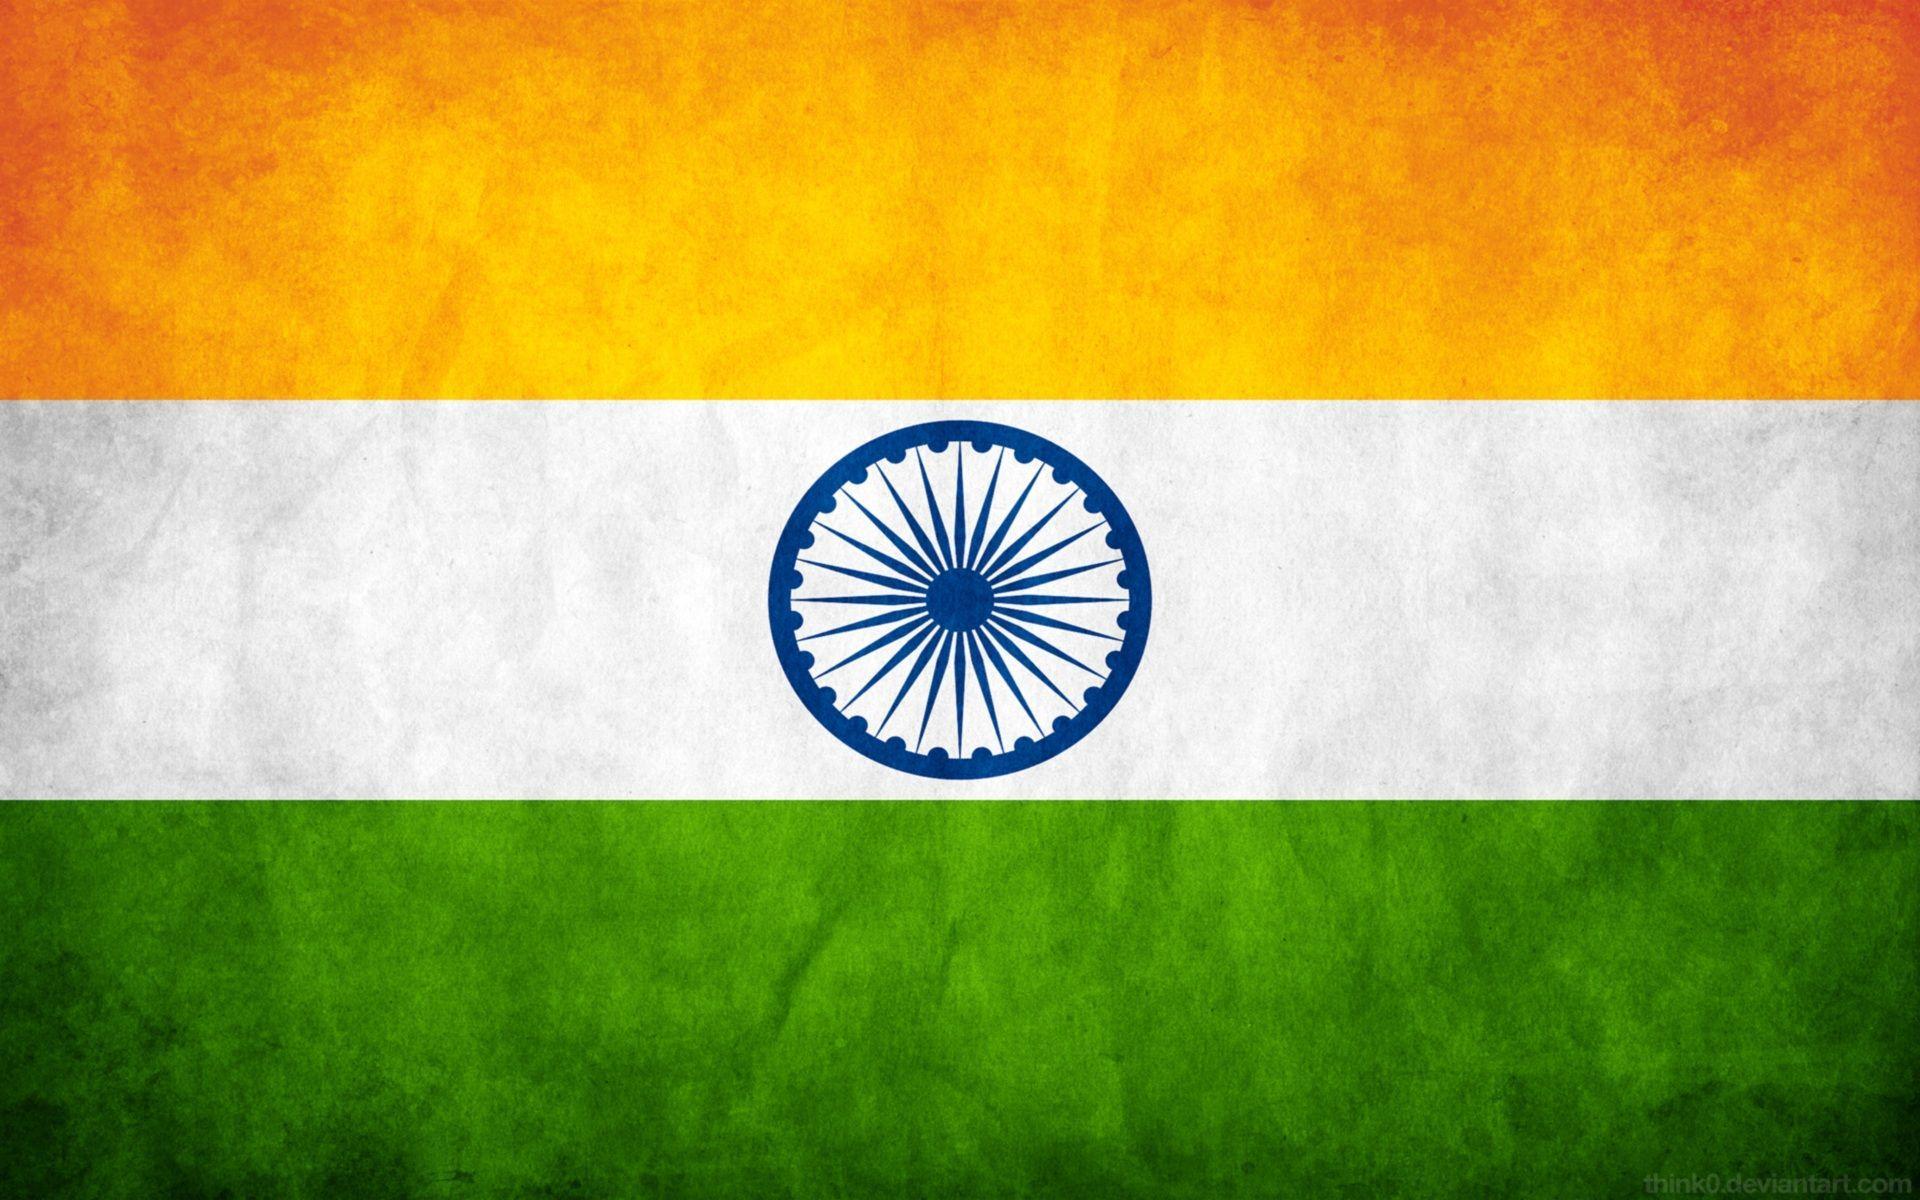 1920x1200 Hình ảnh lá cờ Ấn Độ, Hình nền HD [Free Download]